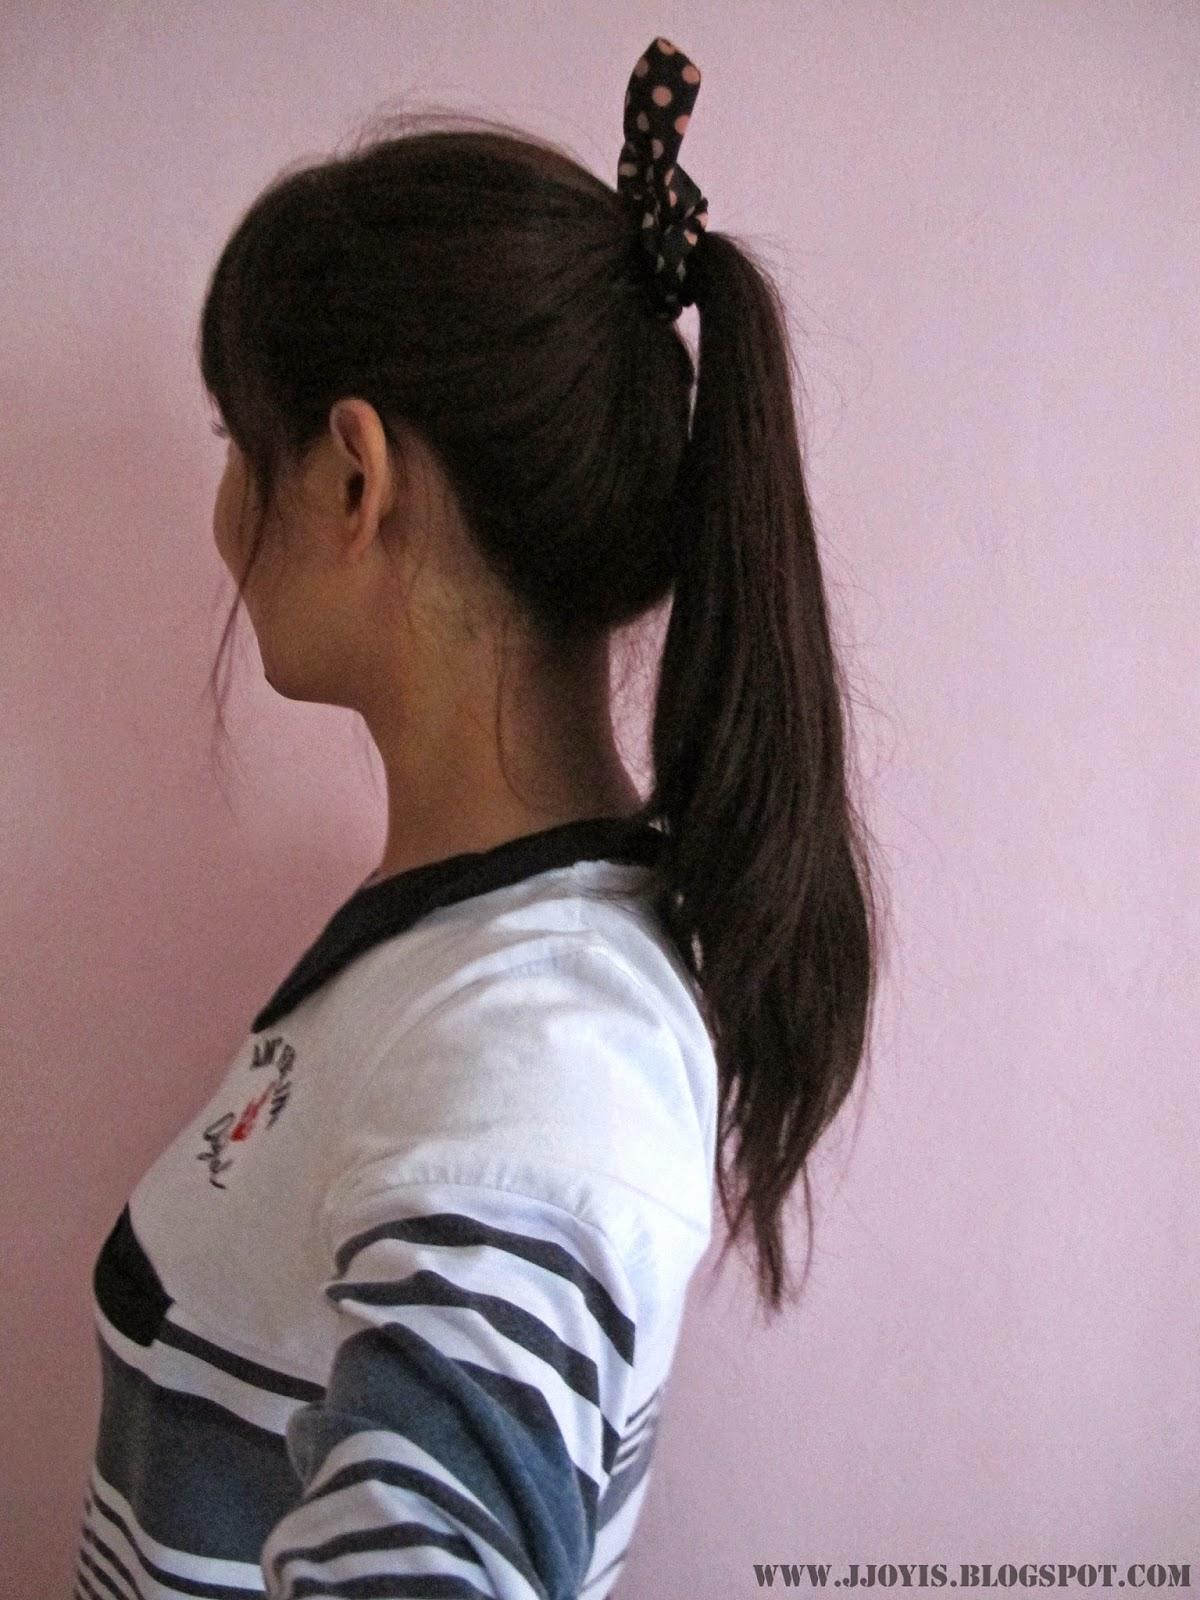 jeric salon jb malaysia haircut